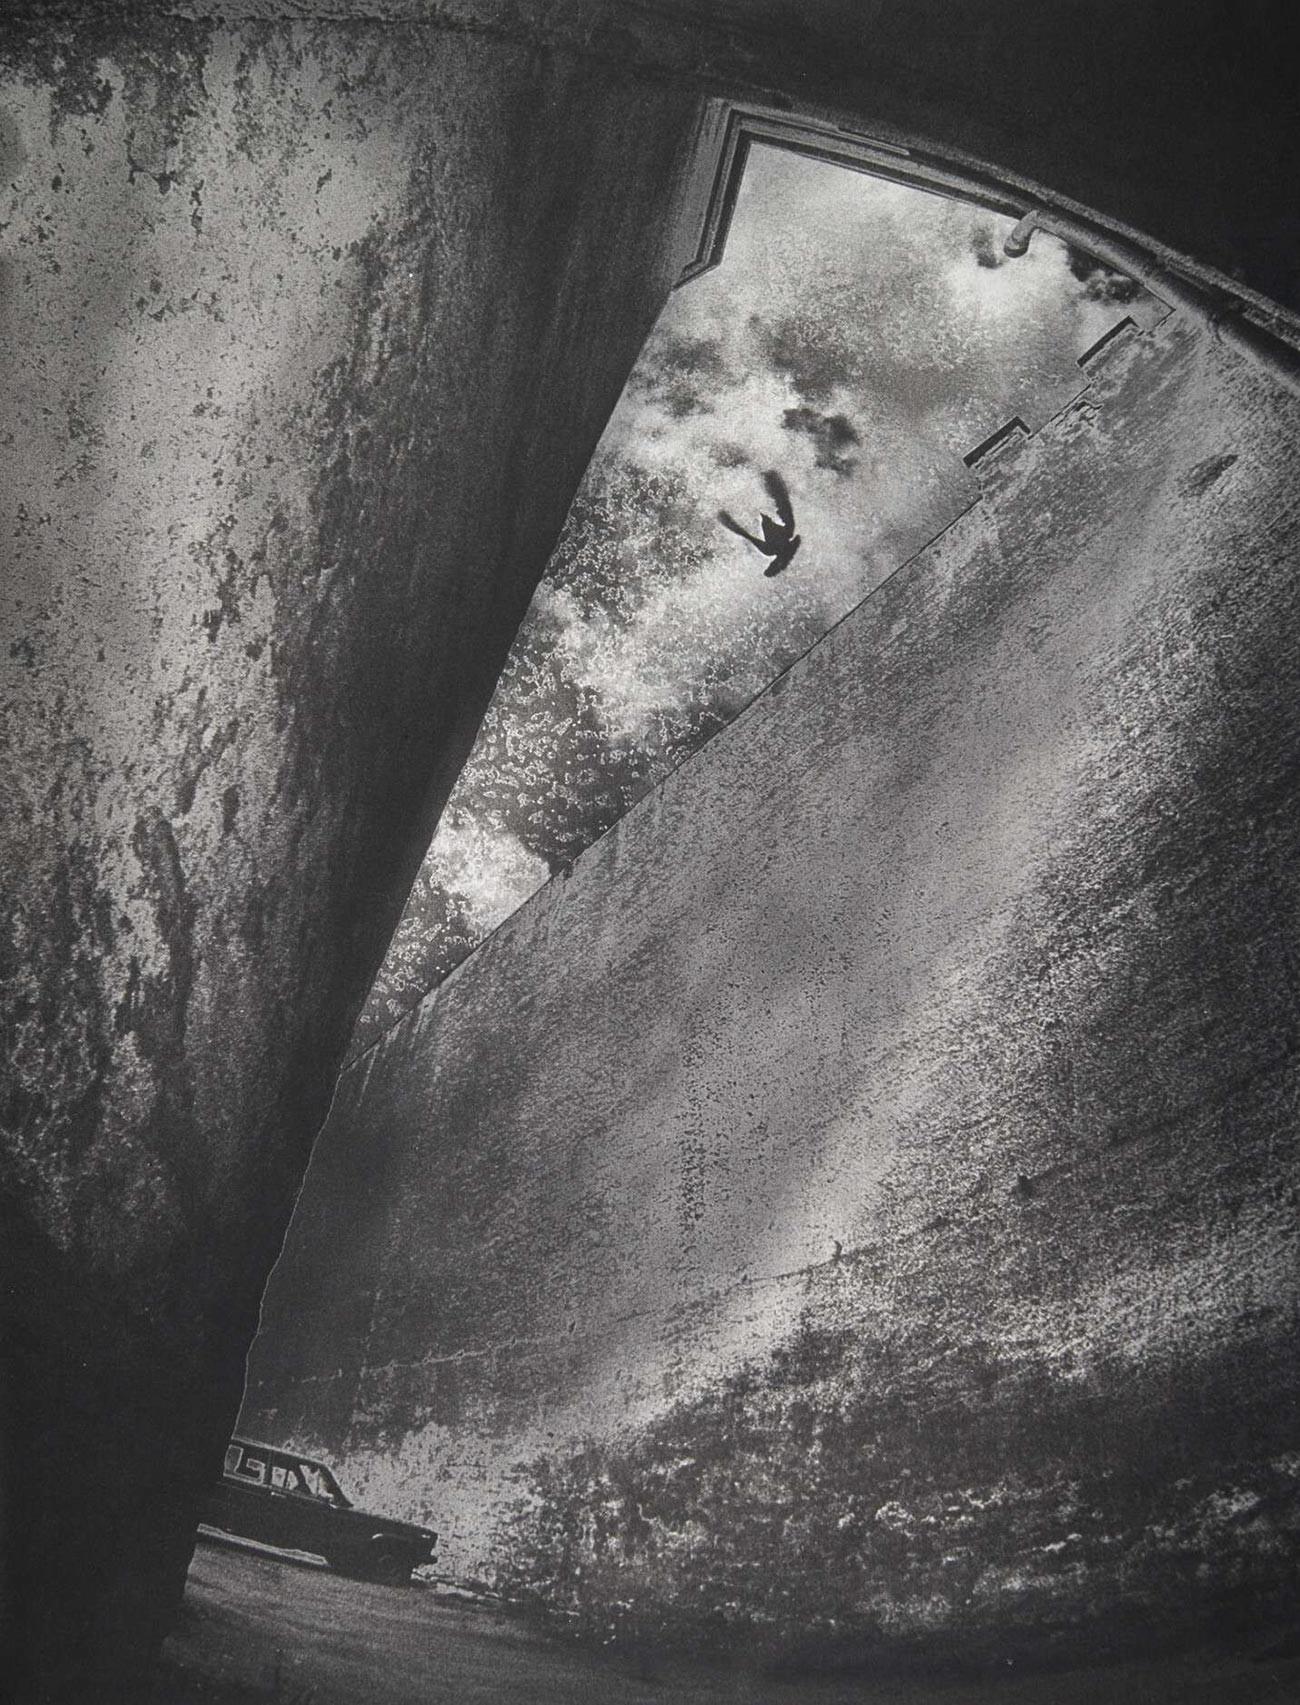 Vers la lumière, 2002